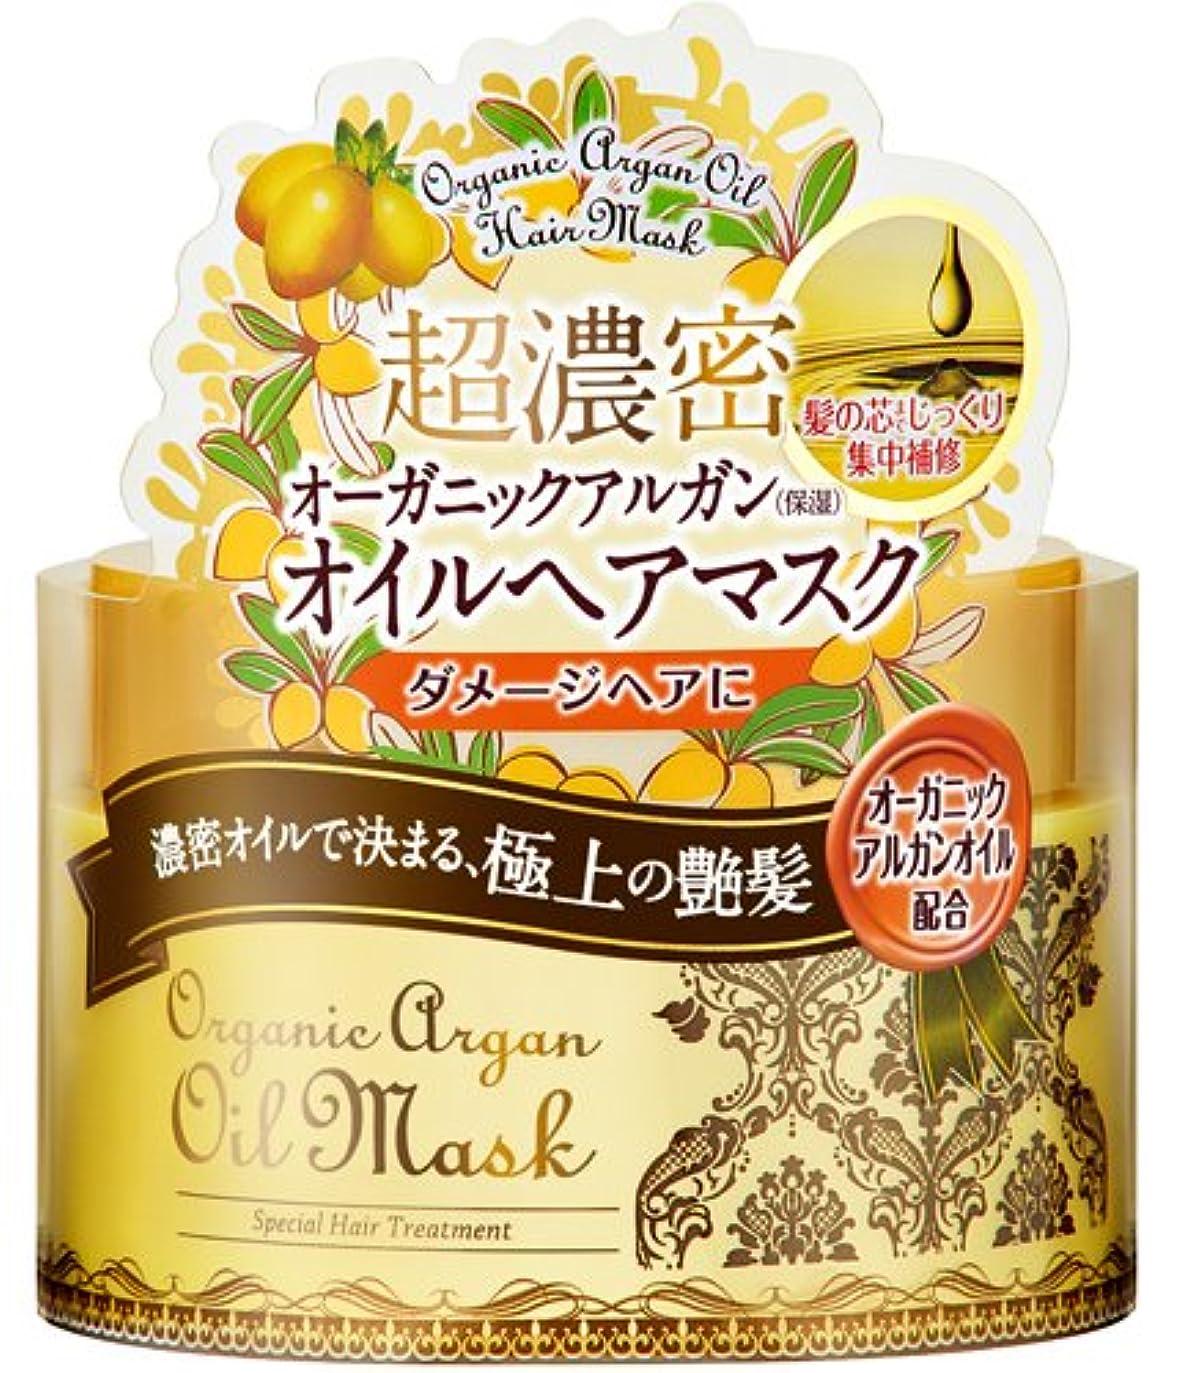 水銀の可能にする禁止するオーガニック アルガンボタニカルオイルヘアマスク 170g